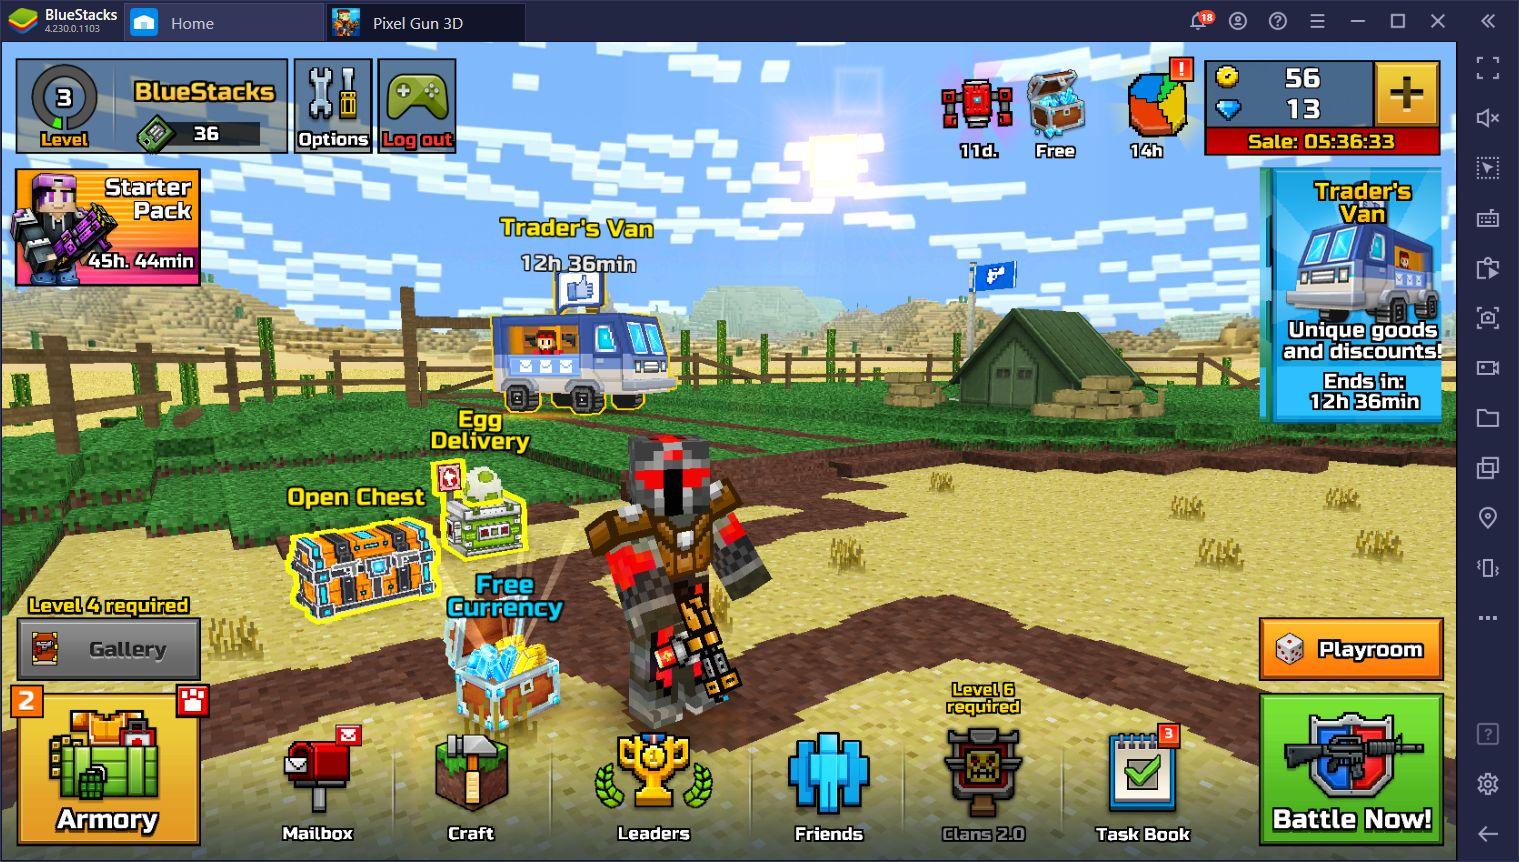 Pixel Gun 3D PC – Beste Tipps zum Überleben im Battle Royale-Modus